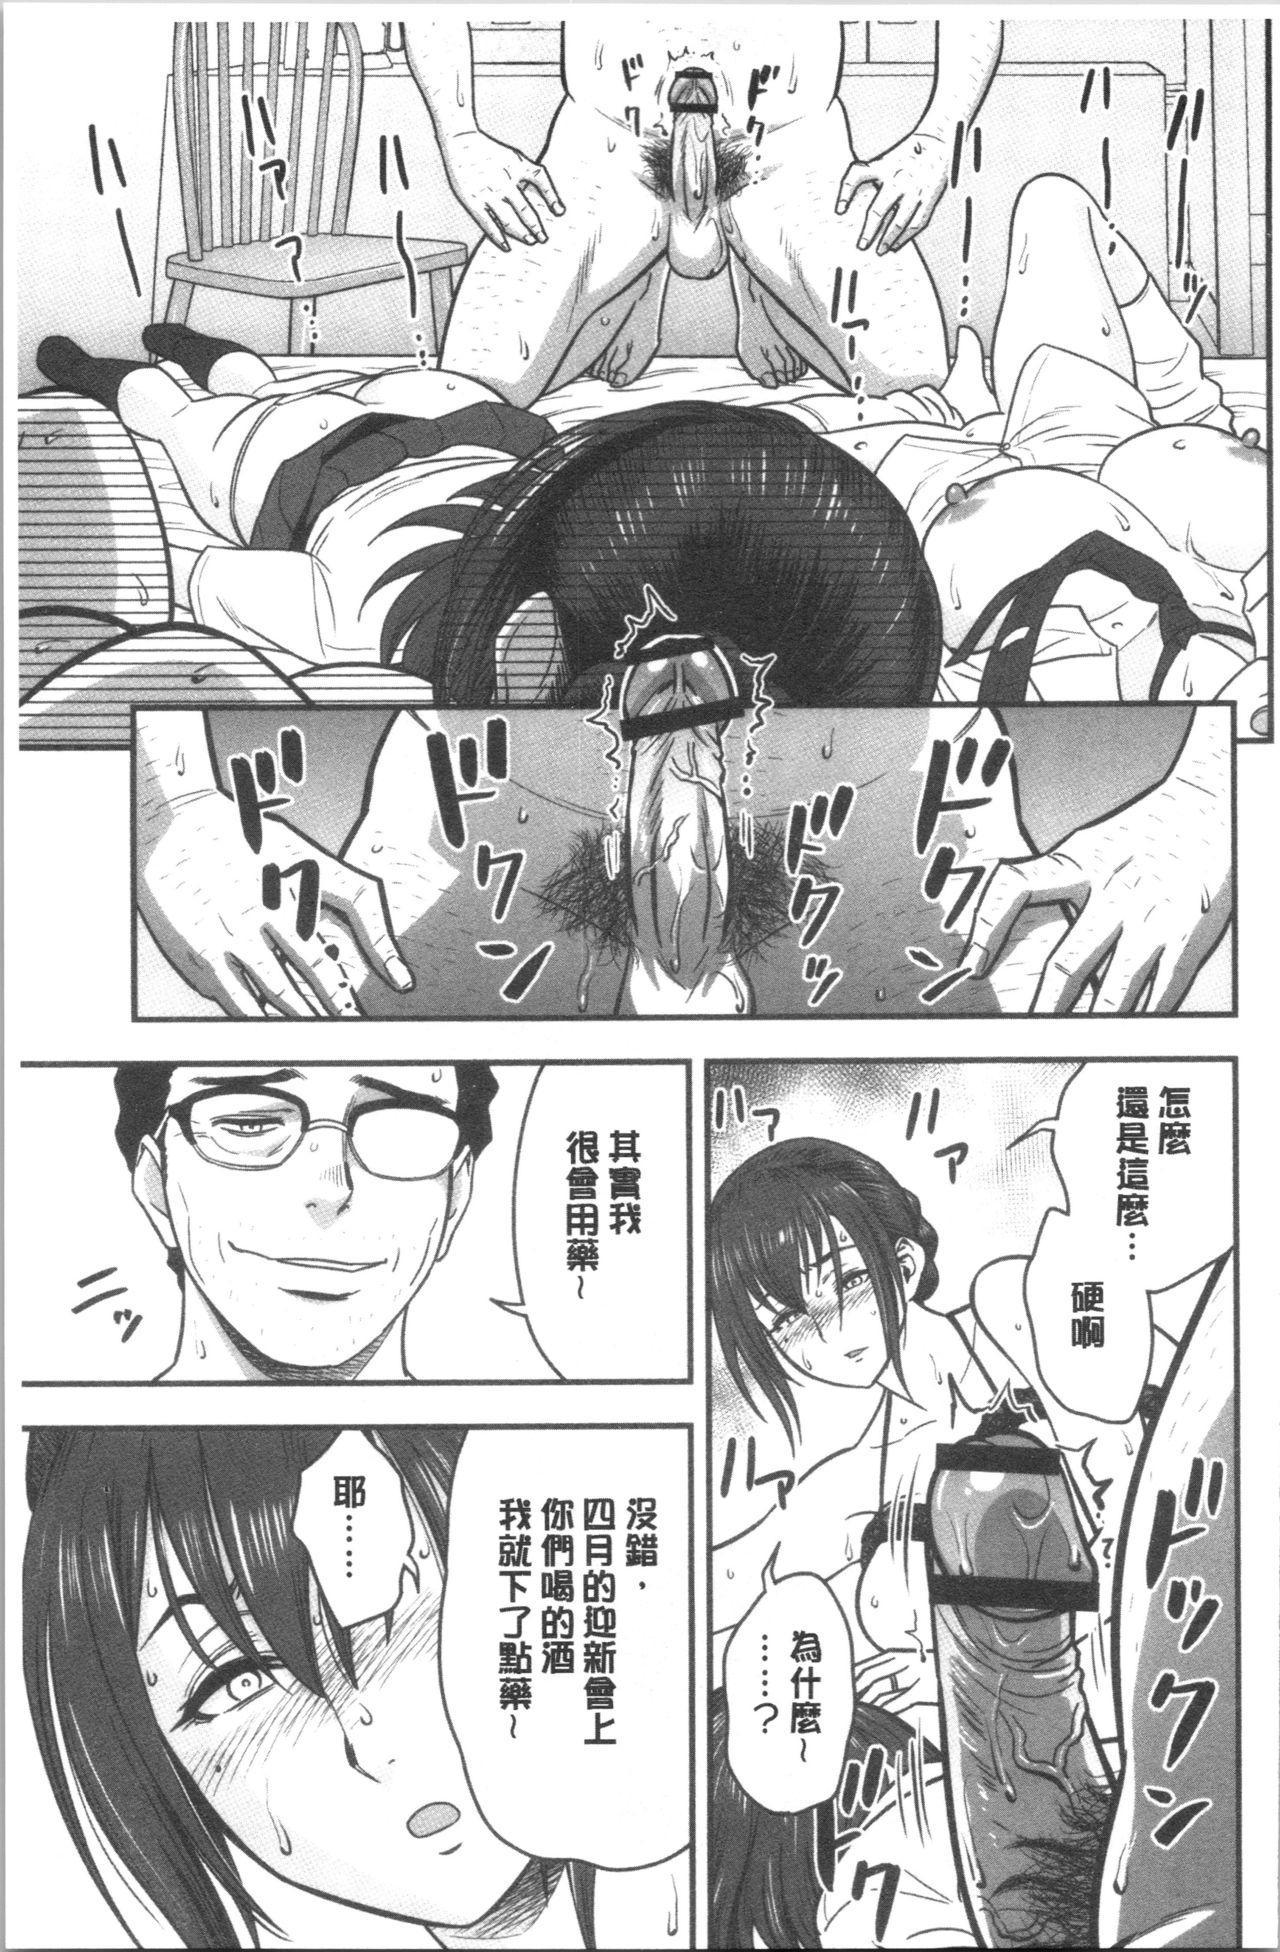 [Tatsunami Youtoku] Dankon Sousai -Hitozuma Kyoushi ga Netorareru made no Kiroku- | 男根想妻 -人妻女教師被寢取偷吃為止的記錄- [Chinese] 197